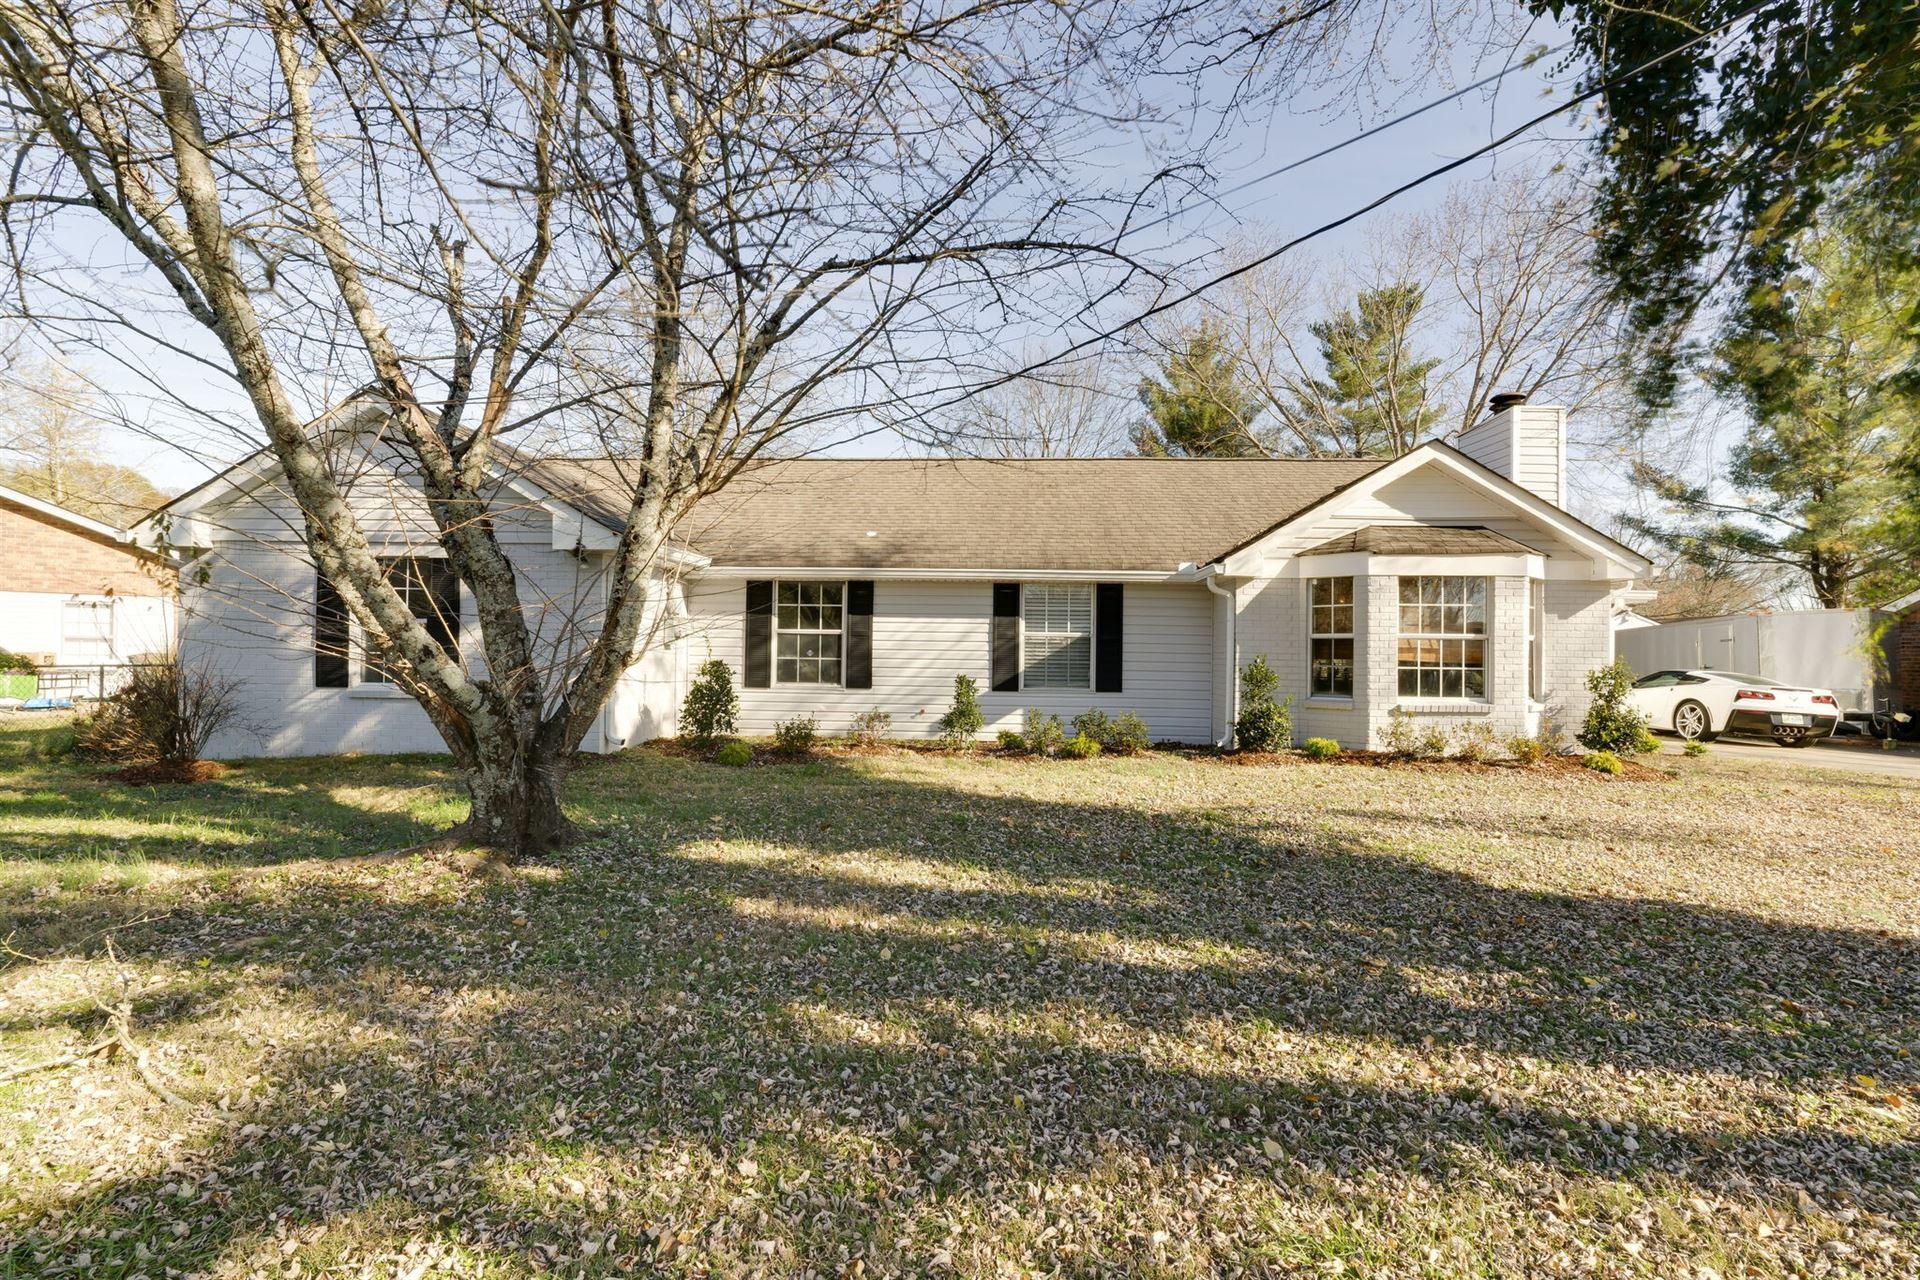 113 Orchard Valley Cir, Hendersonville, TN 37075 - MLS#: 2206910